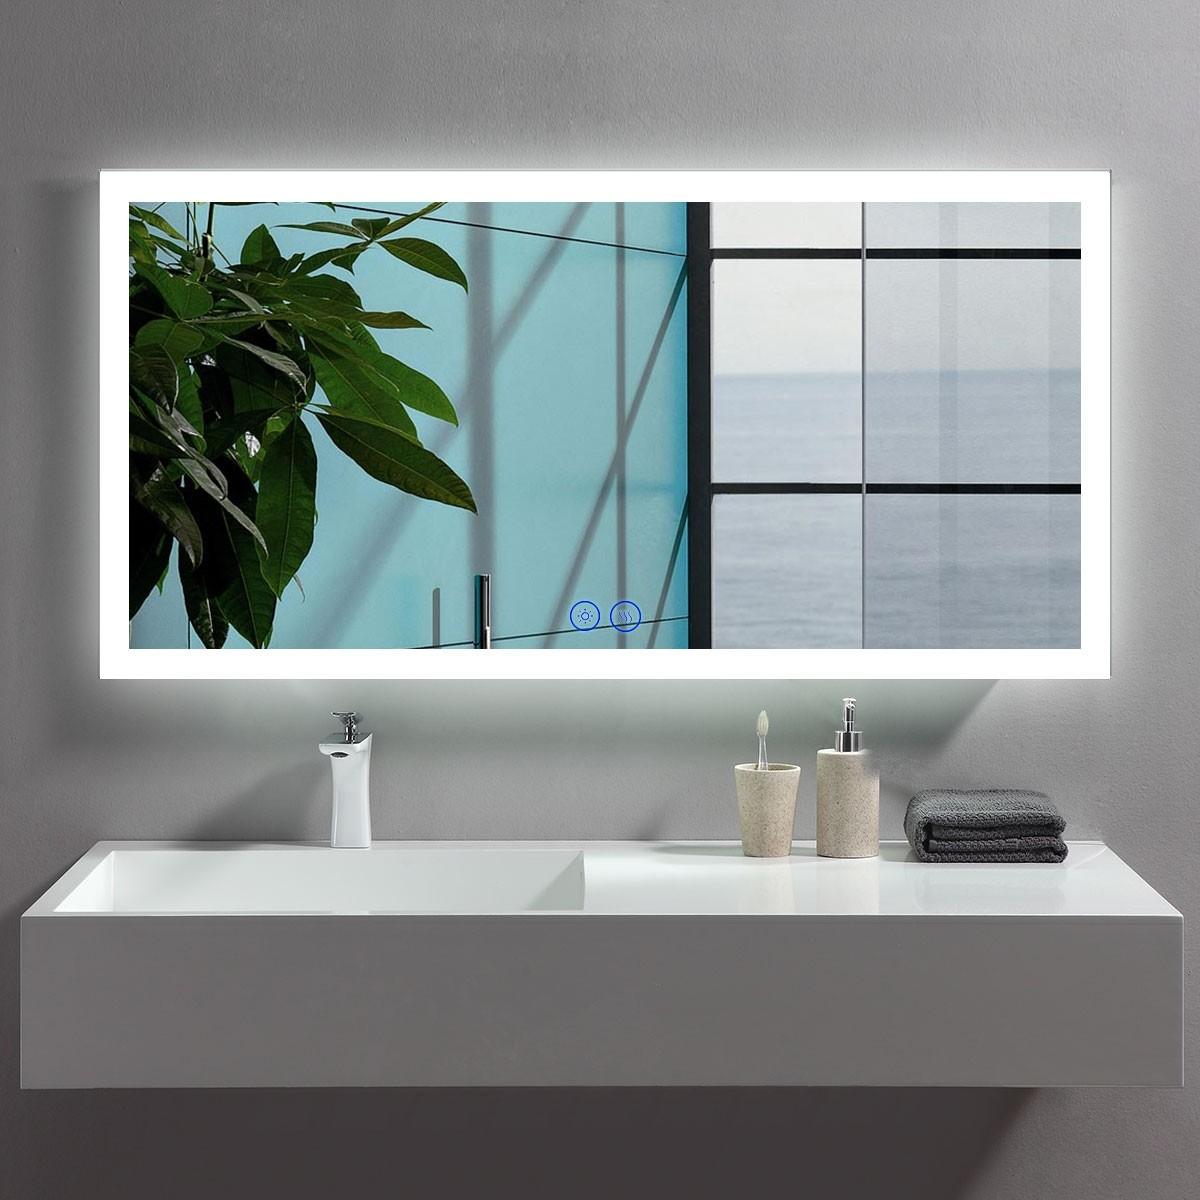 DECORAPORT 48 x 24  Po Miroir de Salle de Bain LED/Miroir Chambre avec Bouton Tactile, Anti-Buée, Luminosité Réglable, Montage Vertical & Horizontal (NT09-4824)